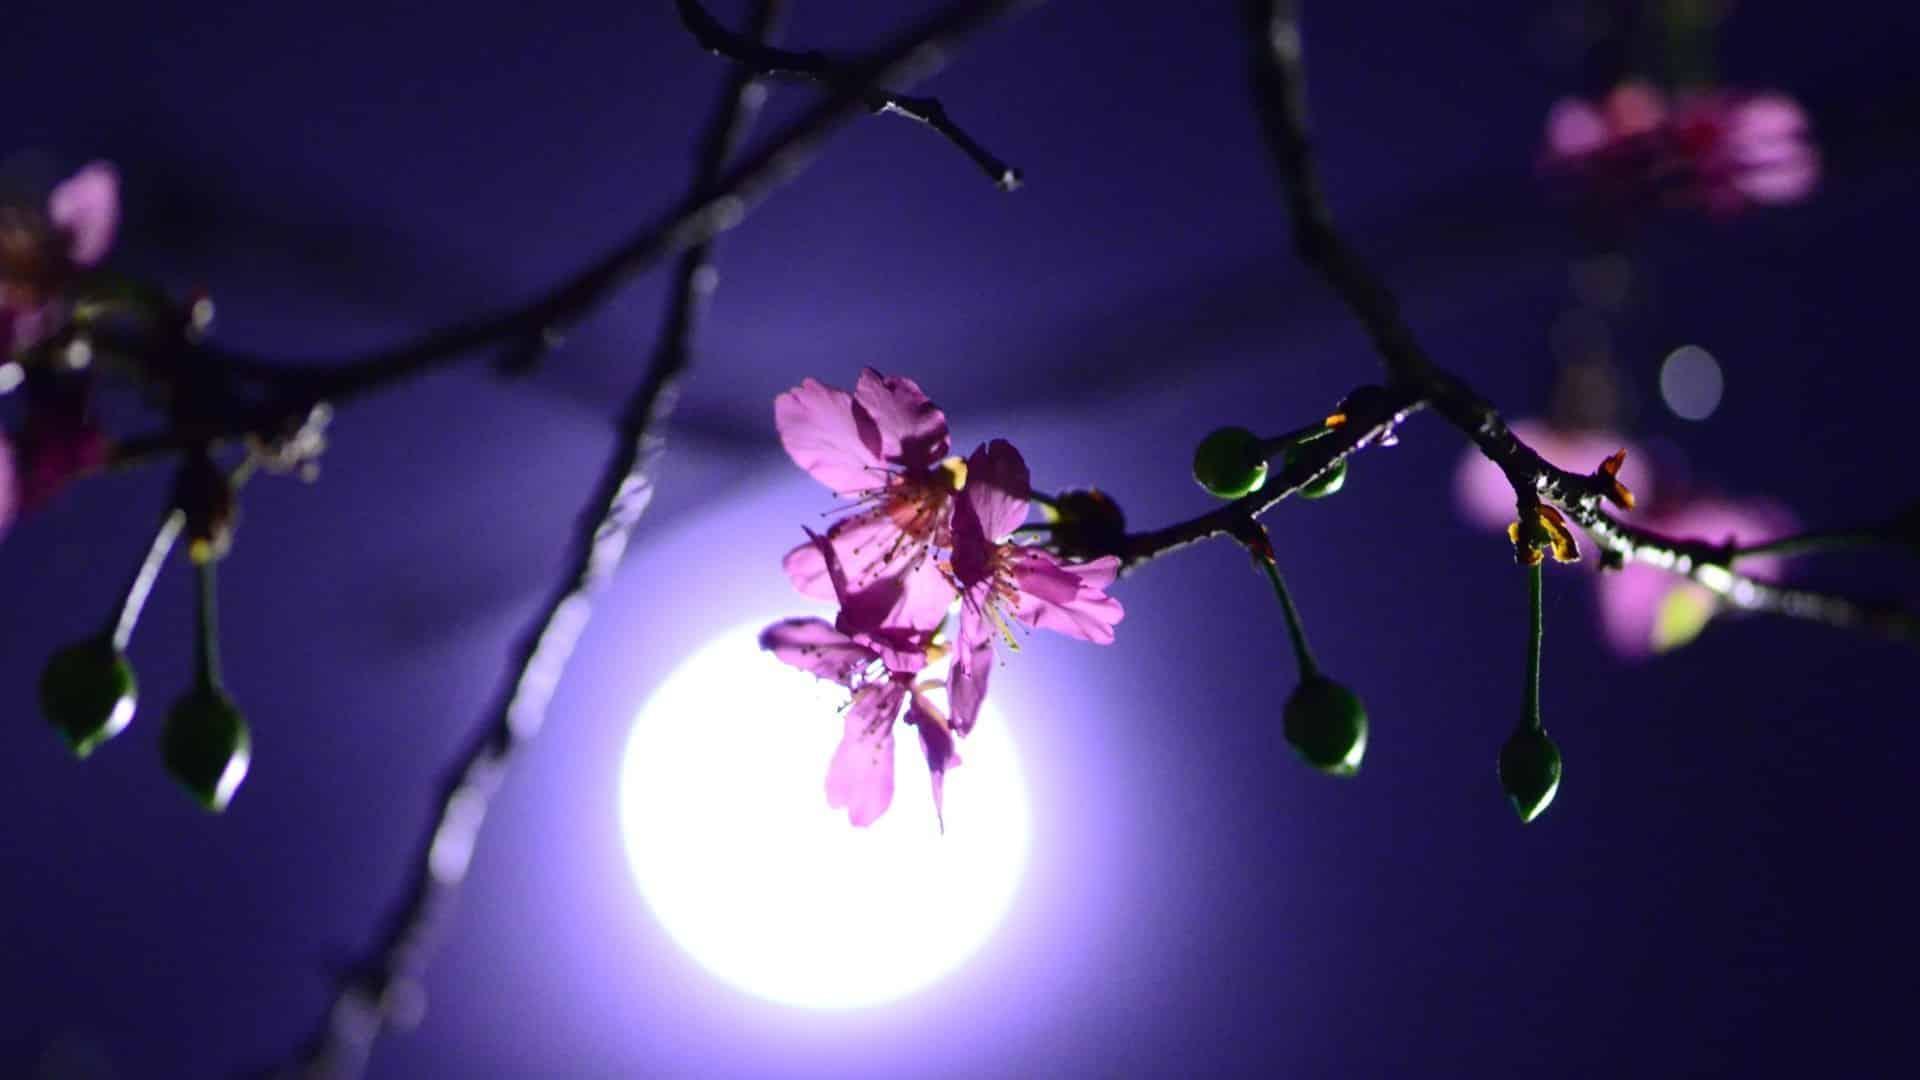 Когда сажать рассаду в марте 2020: лунный календарь огородника по знакам Зодиака